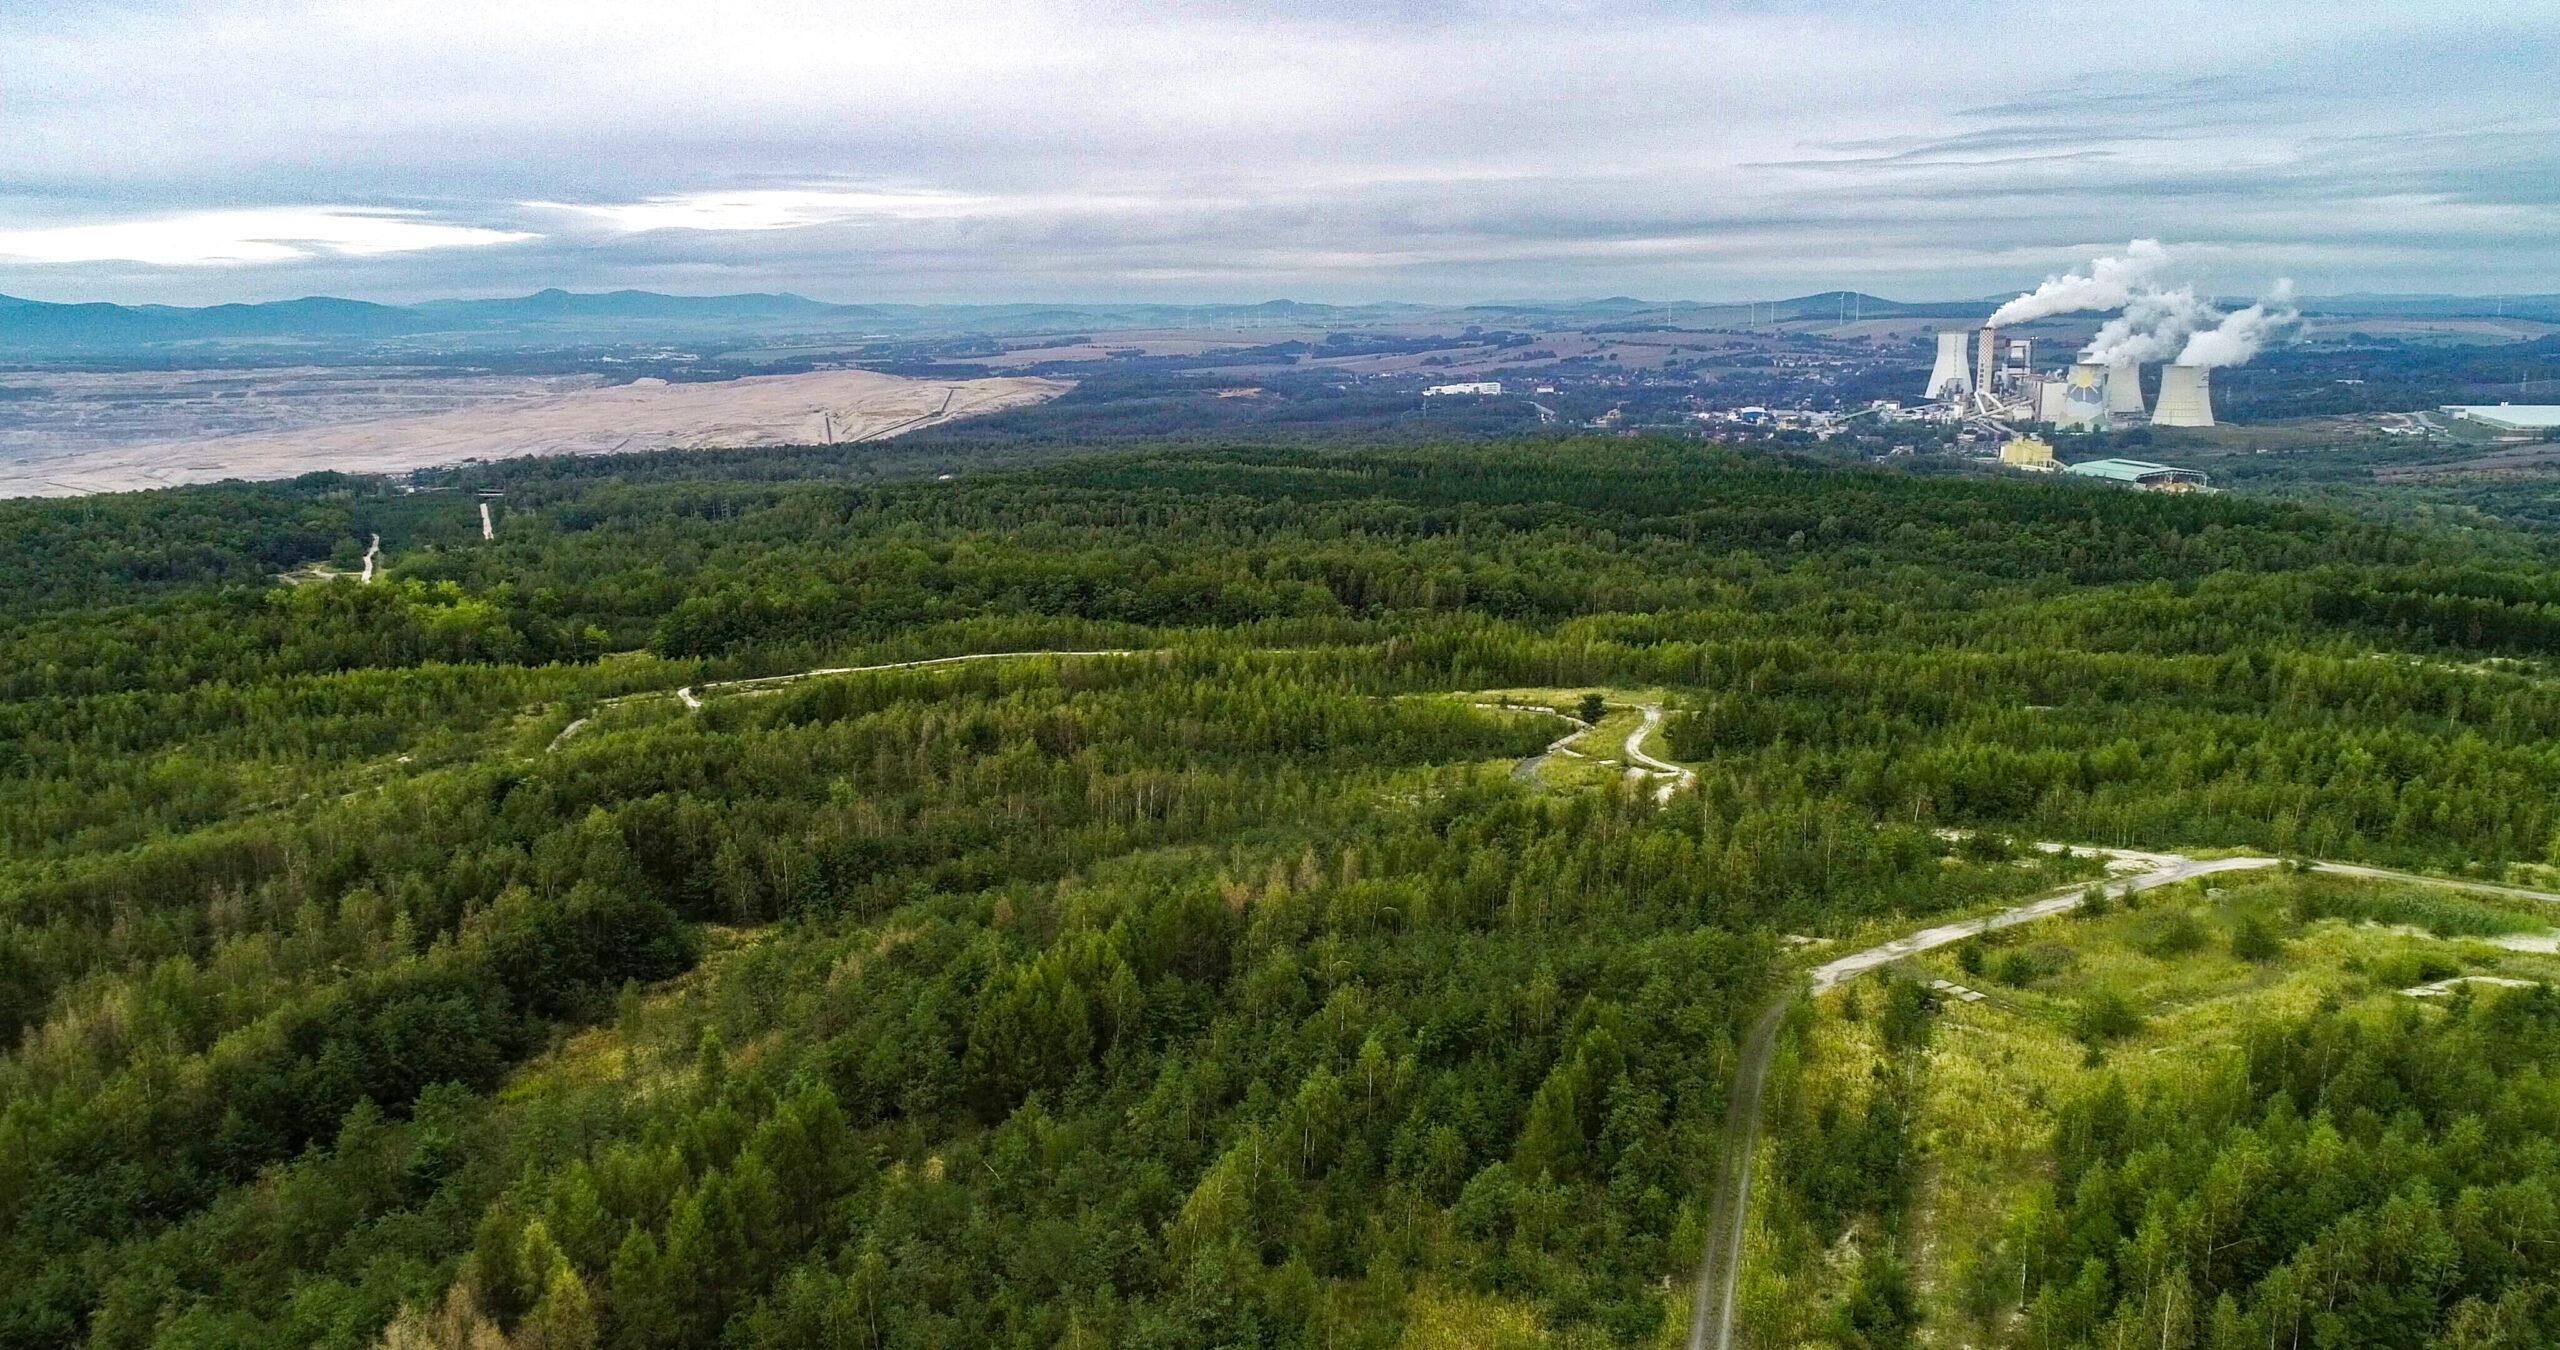 Poparcie Rady Powiatu Zgorzeleckiego dla działań podejmowanych w celu zapewnienia dalszego stabilnego funkcjonowania Kopalni Węgla Brunatnego Turów